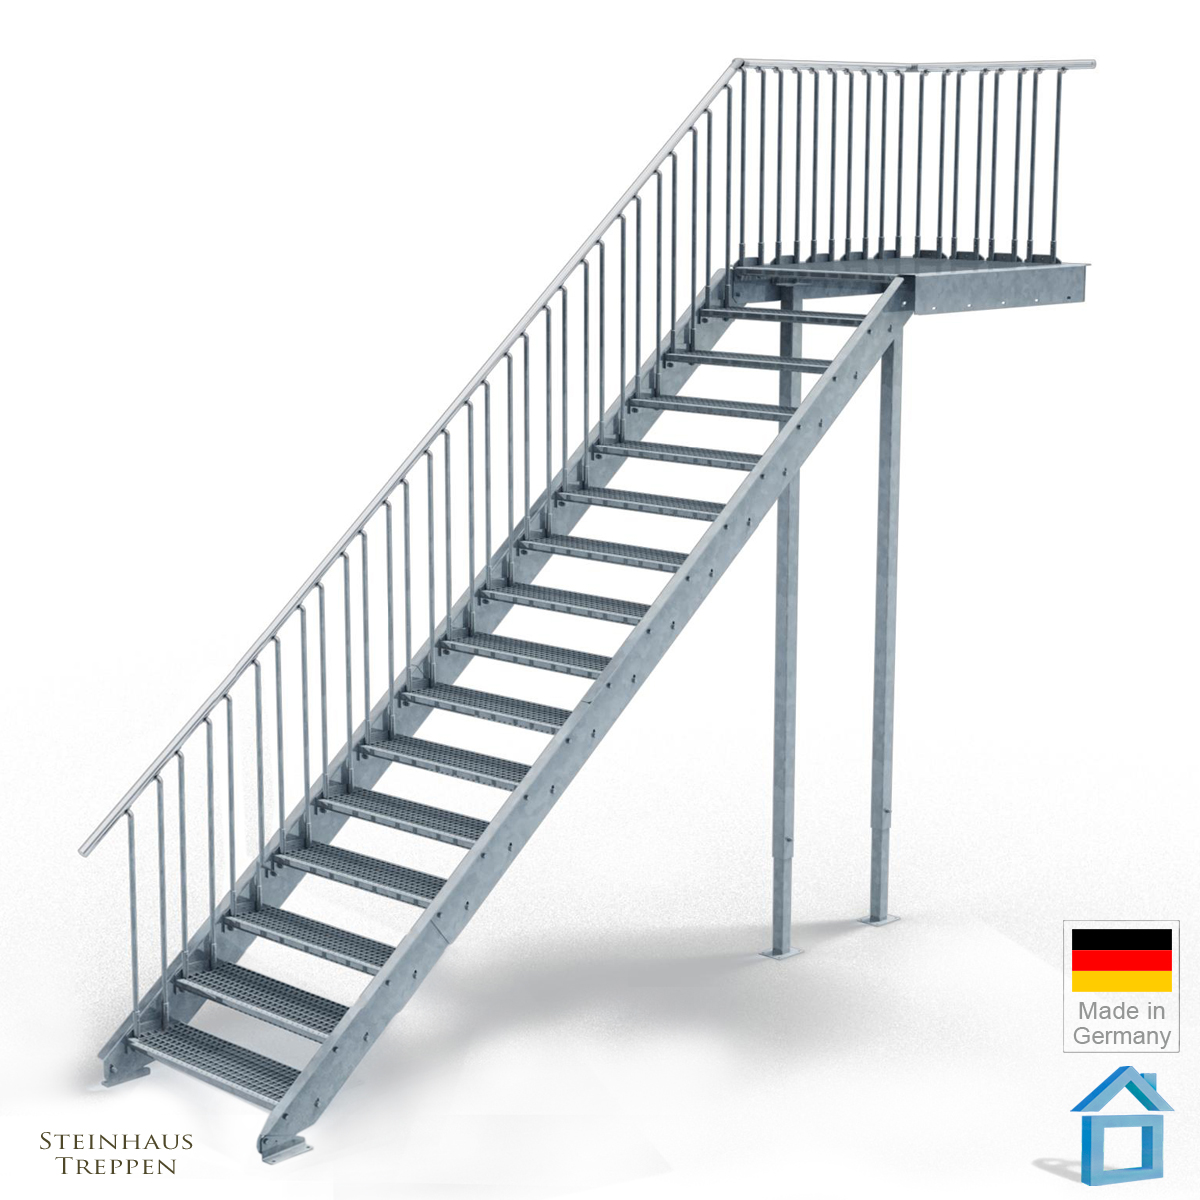 au entreppe stahl mit 15 stufen in 80 cm weite. Black Bedroom Furniture Sets. Home Design Ideas